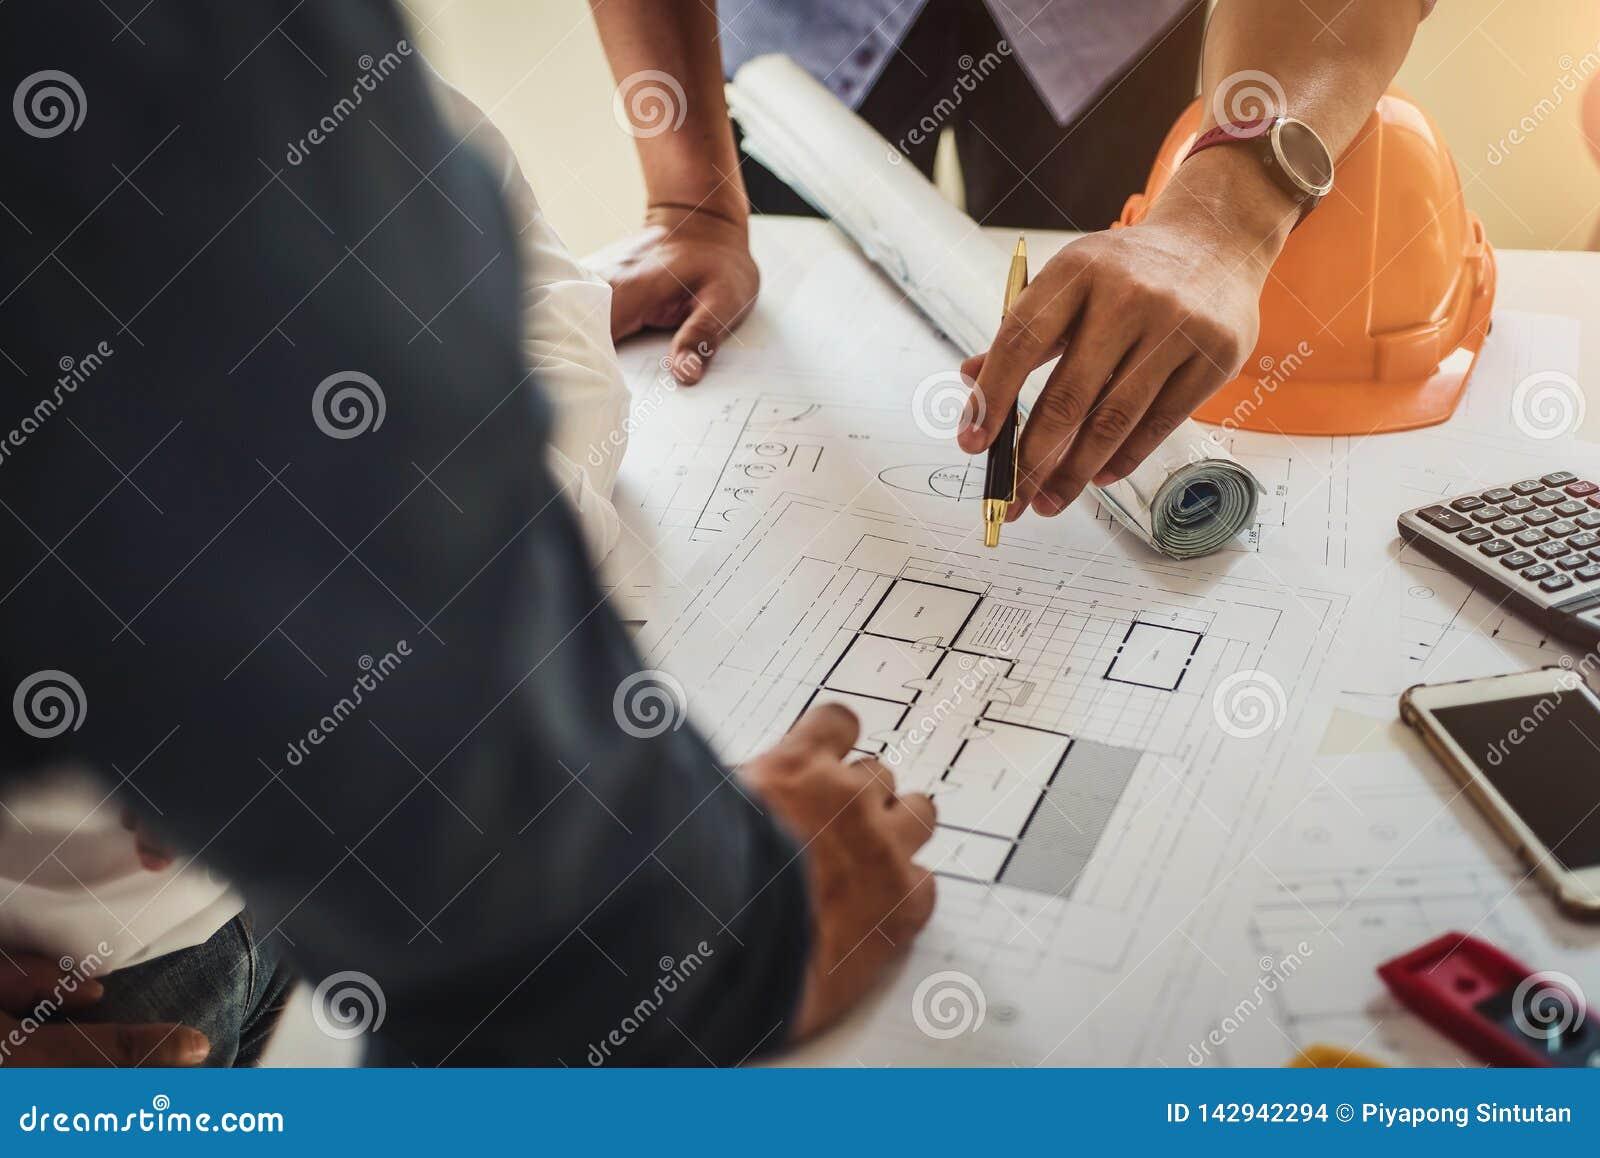 Инженер работая на светокопии дома в офисе для обсуждать проект недвижимости Концепция инструментов и конструкции инженерства